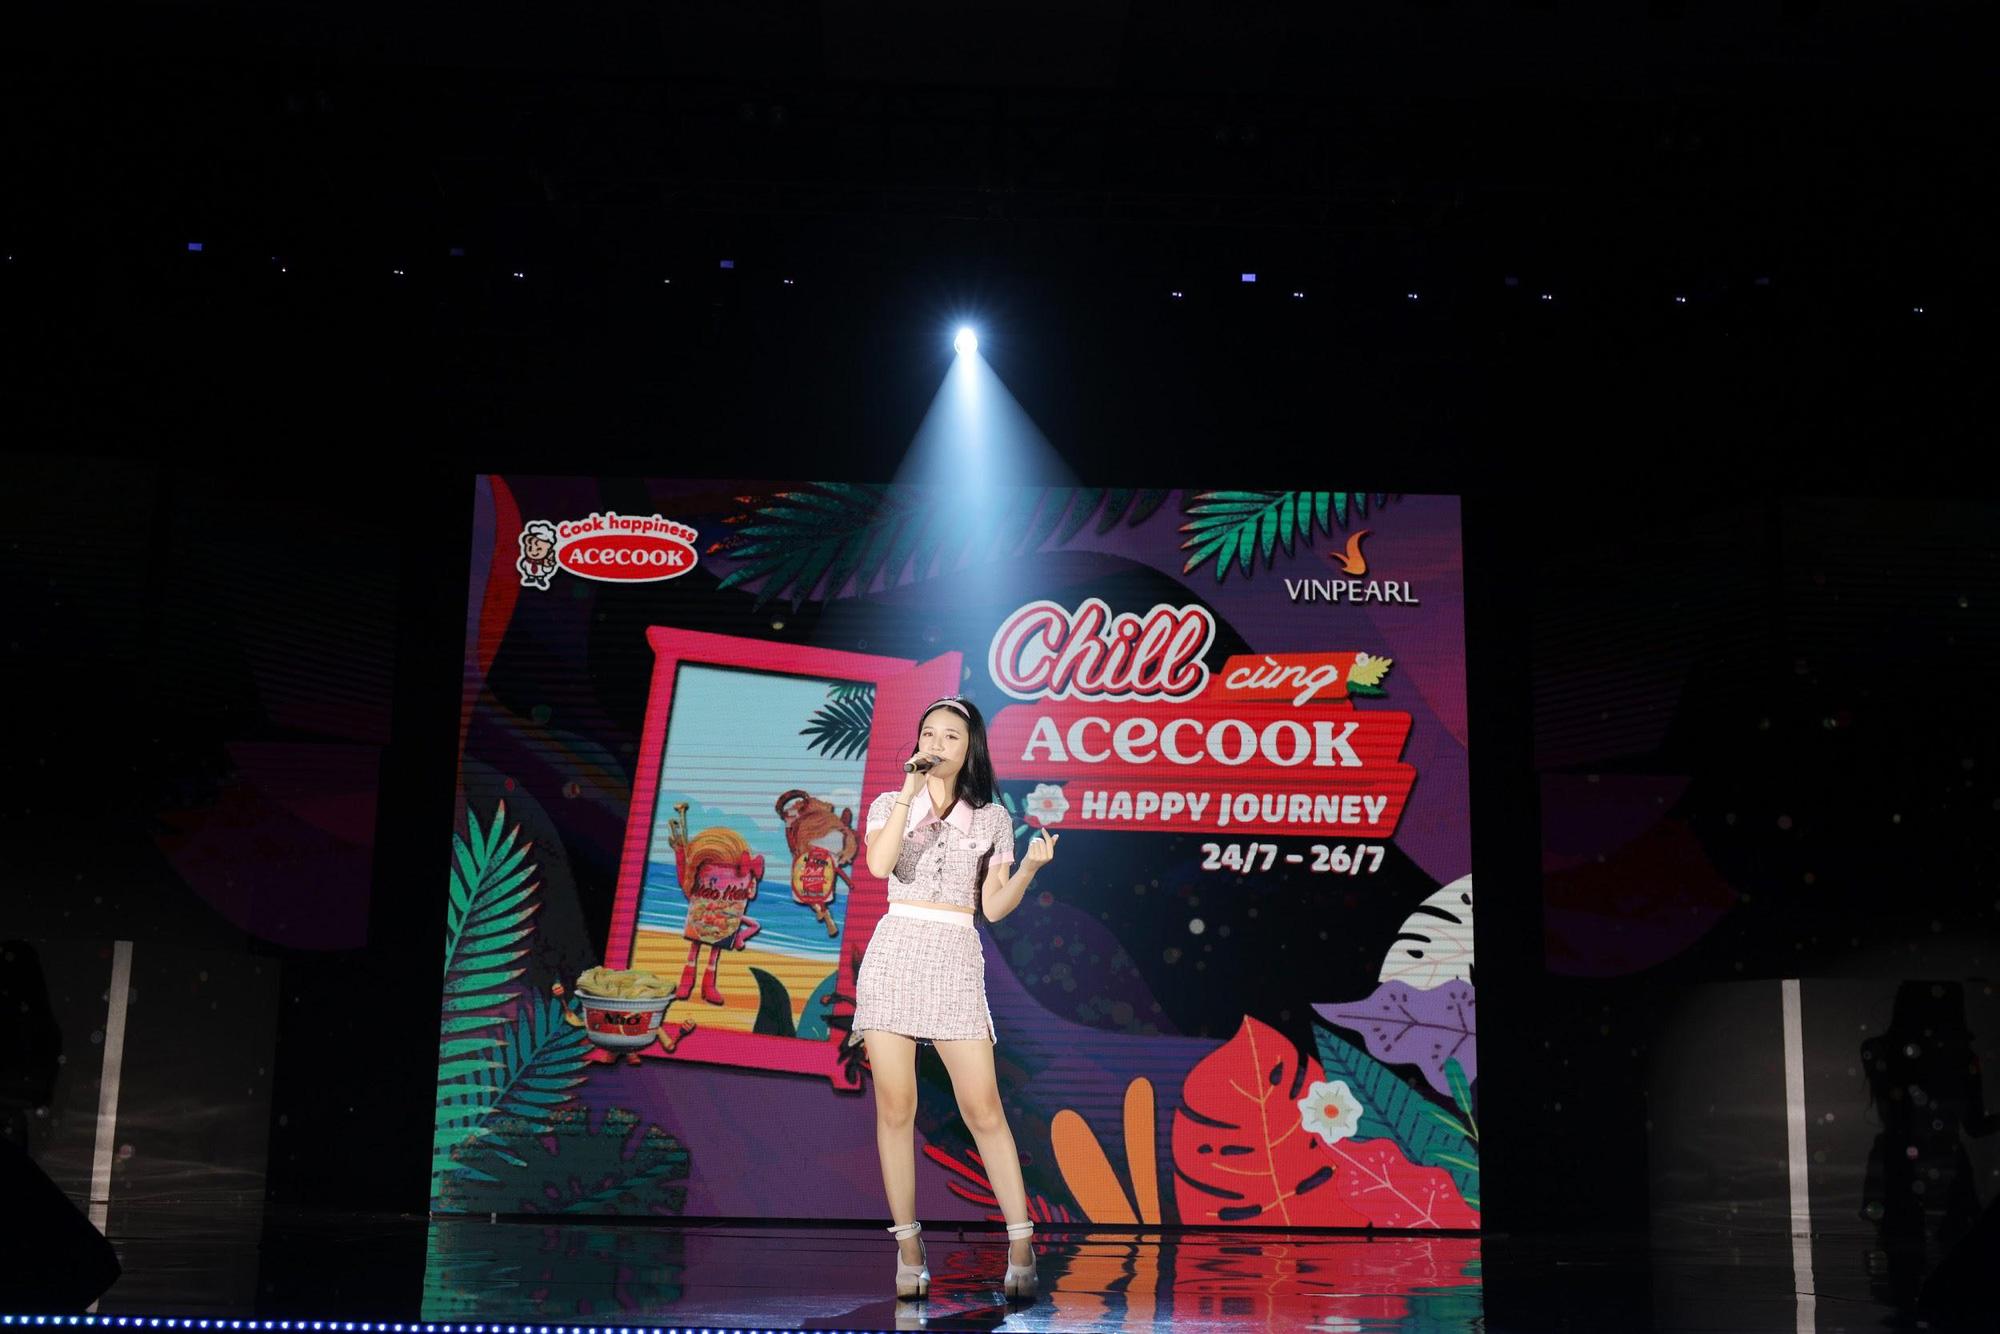 Loạt ảnh mới nhất xinh lung linh của Đông Nhi, Noo Phước Thịnh khiến khán giả trầm trồ trong đêm Gala Secret Concert – Chill Cùng Acecook - Ảnh 5.